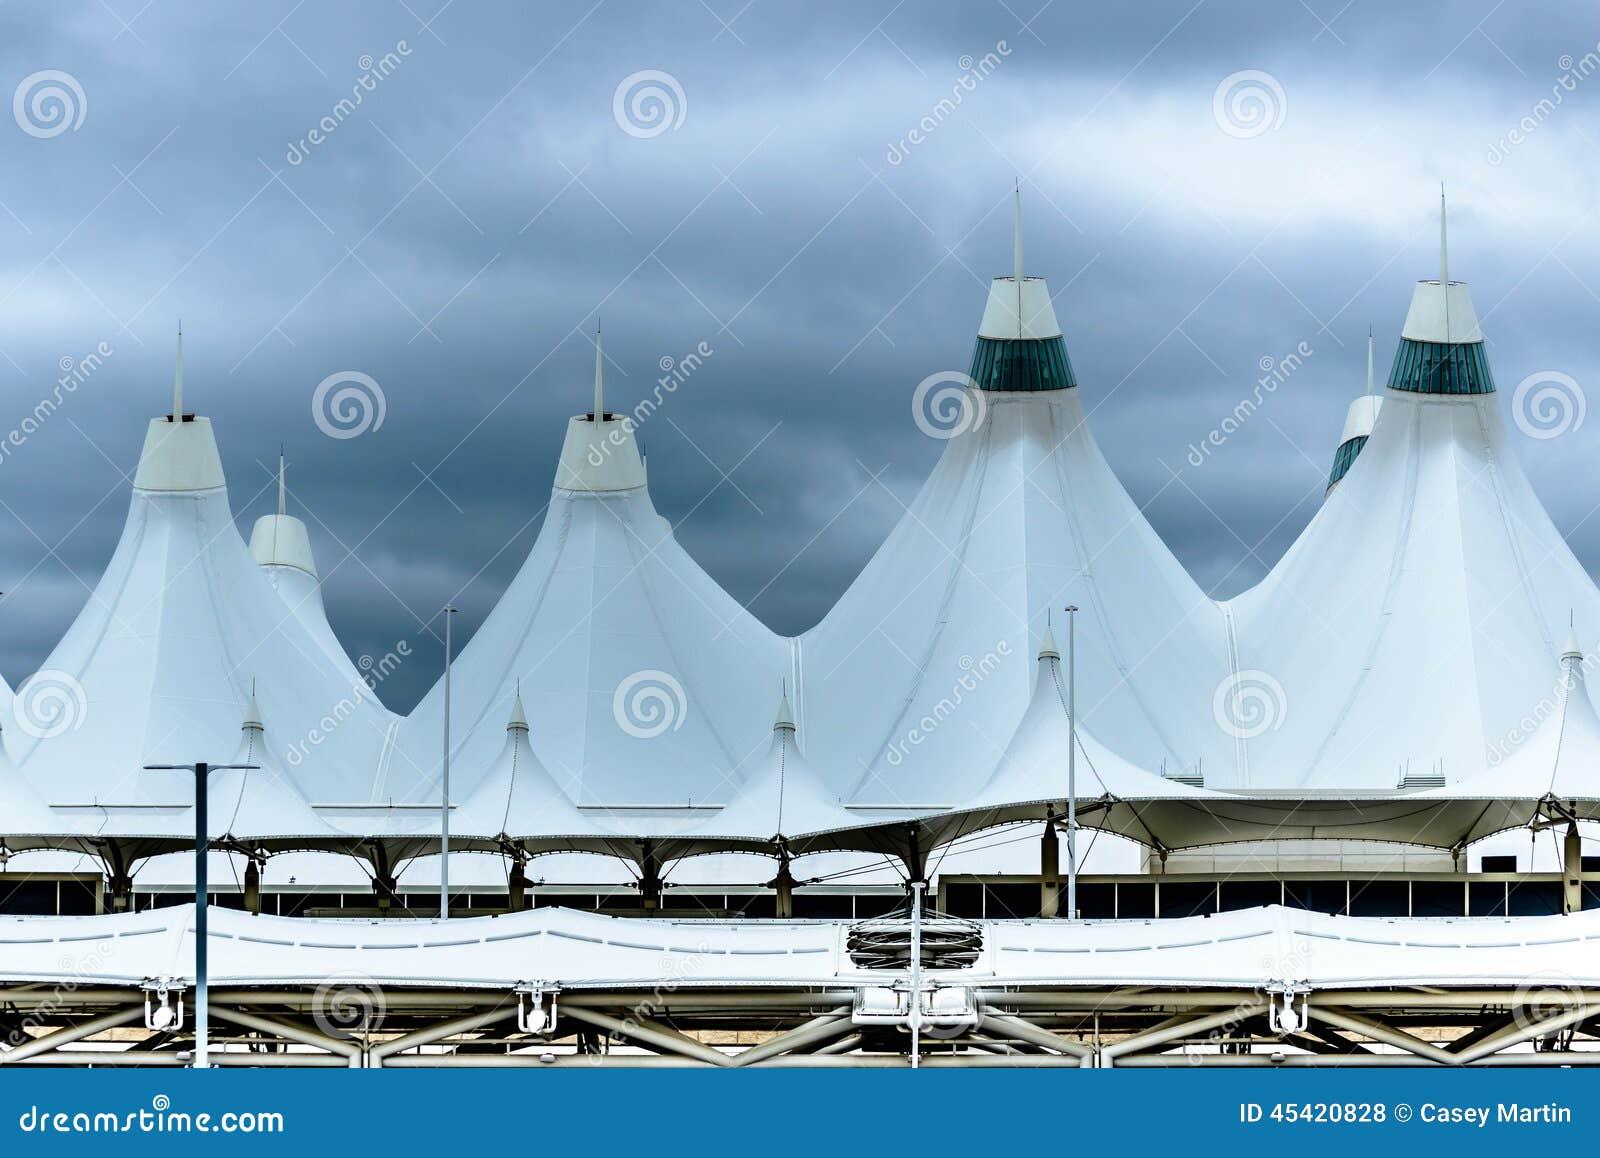 Άσπροι θόλοι στεγών σκηνών στο διεθνή αερολιμένα του Ντένβερ